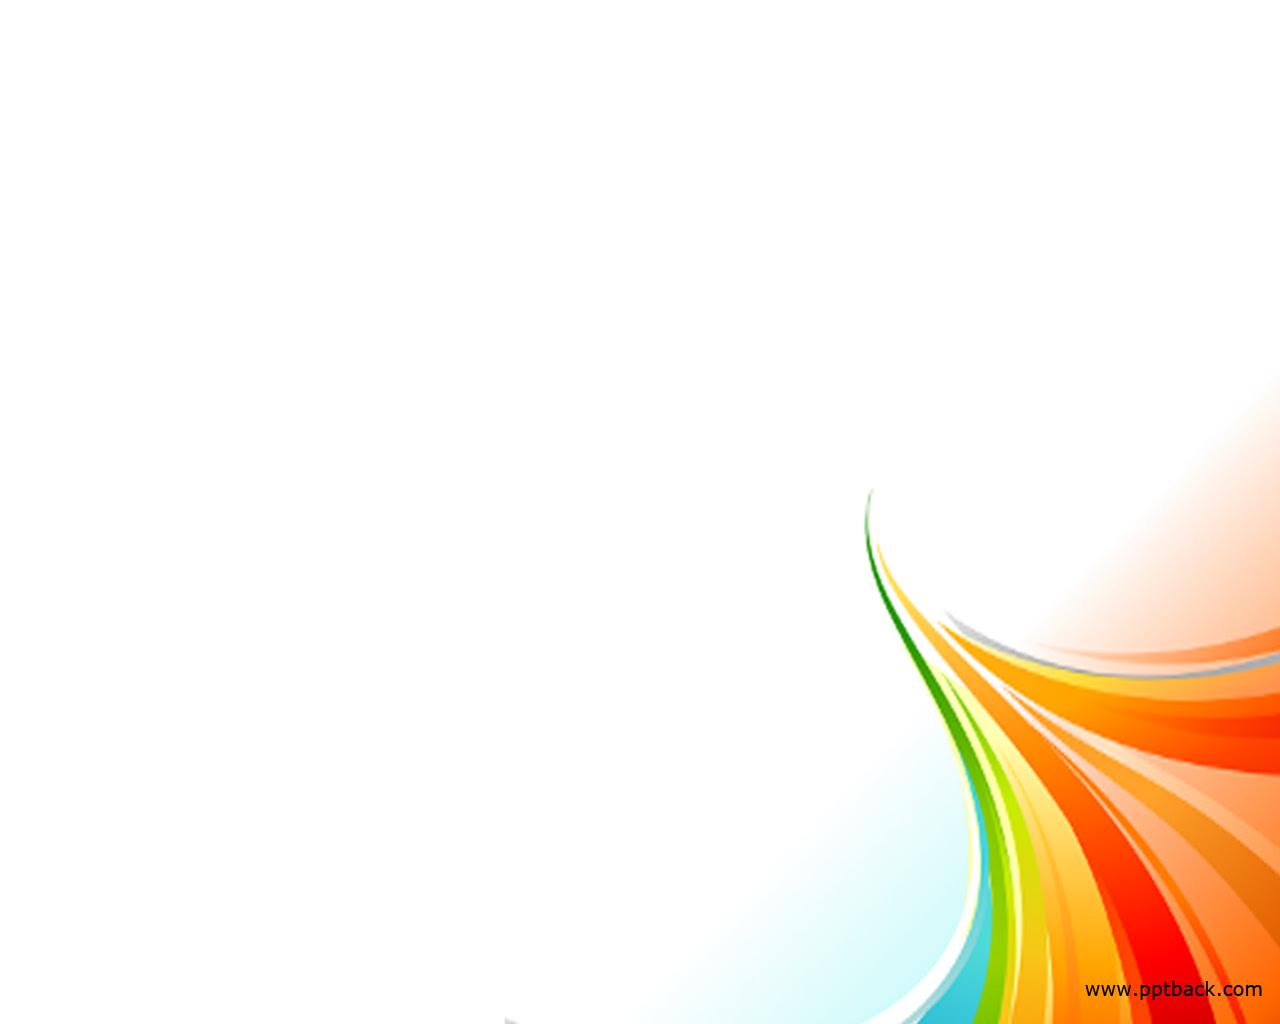 Download 90 Background Ppt Education Bergerak Gratis Terbaik